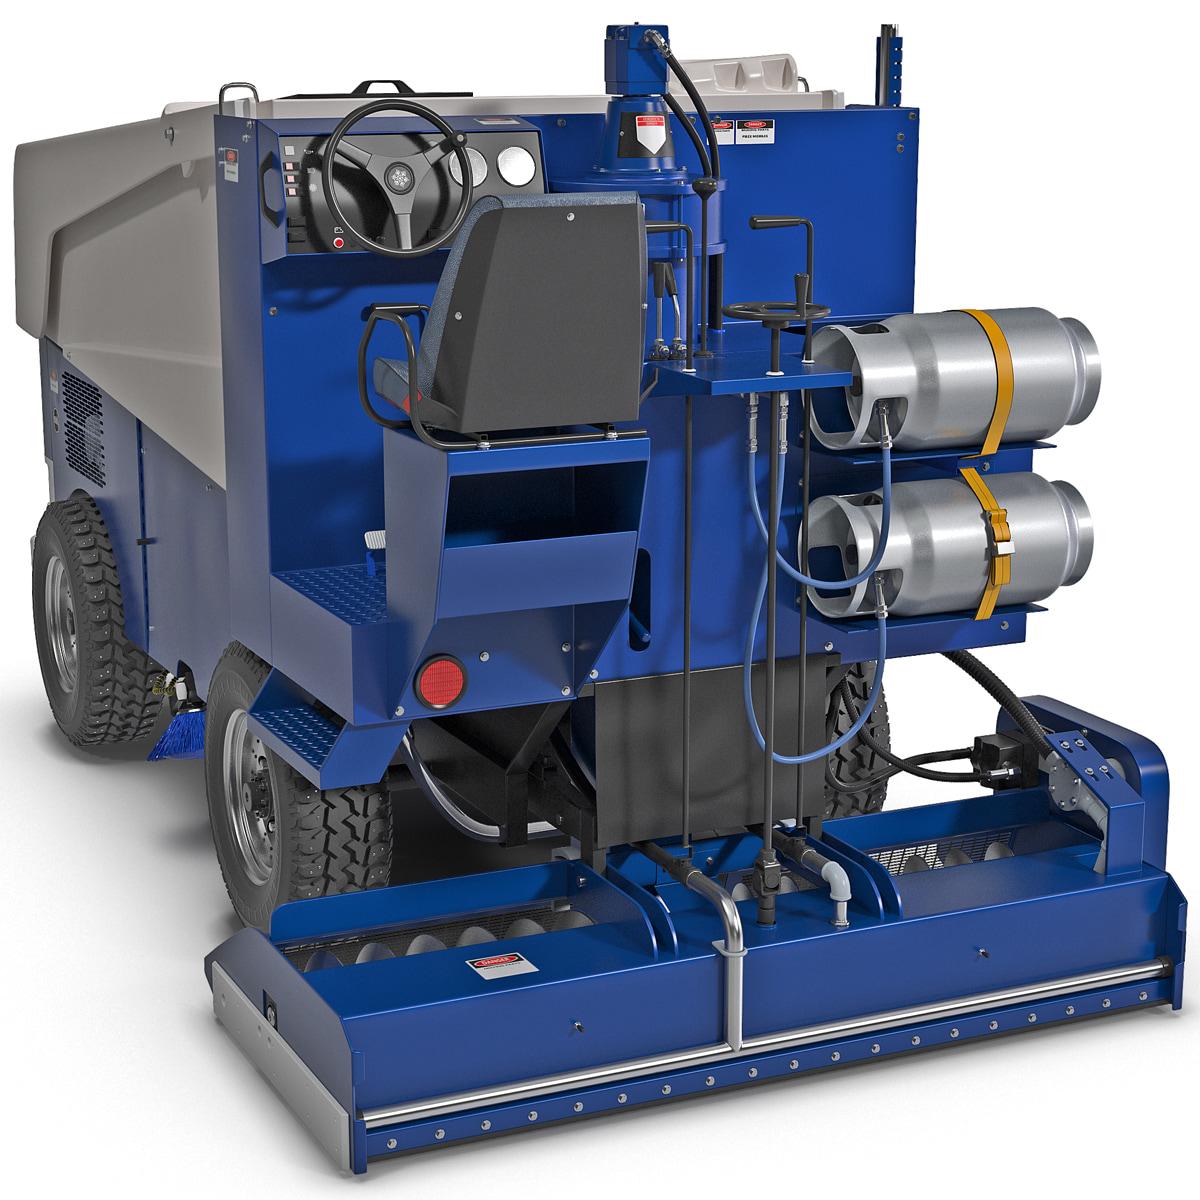 3d zamboni 525 ice machine model